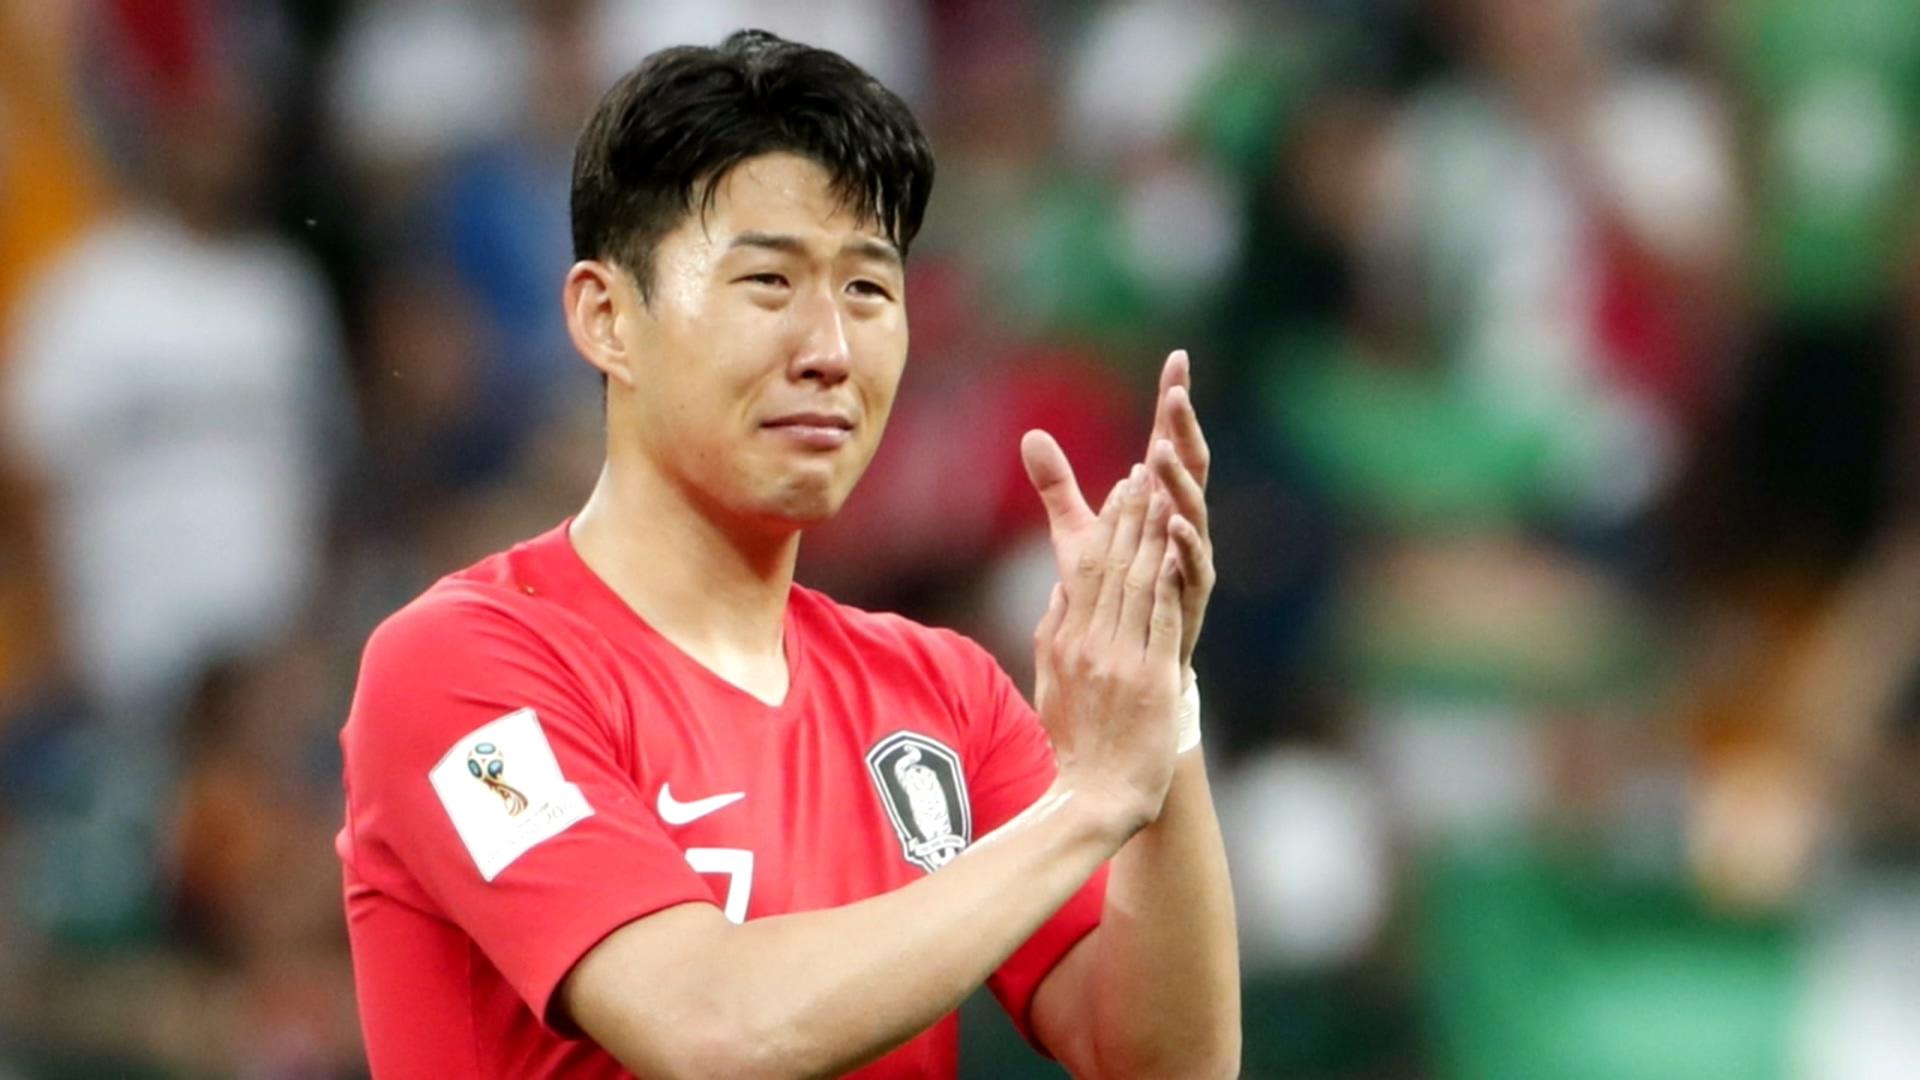 '졌잘싸' 손흥민을 활용한 한국의 '선수비 후역습'